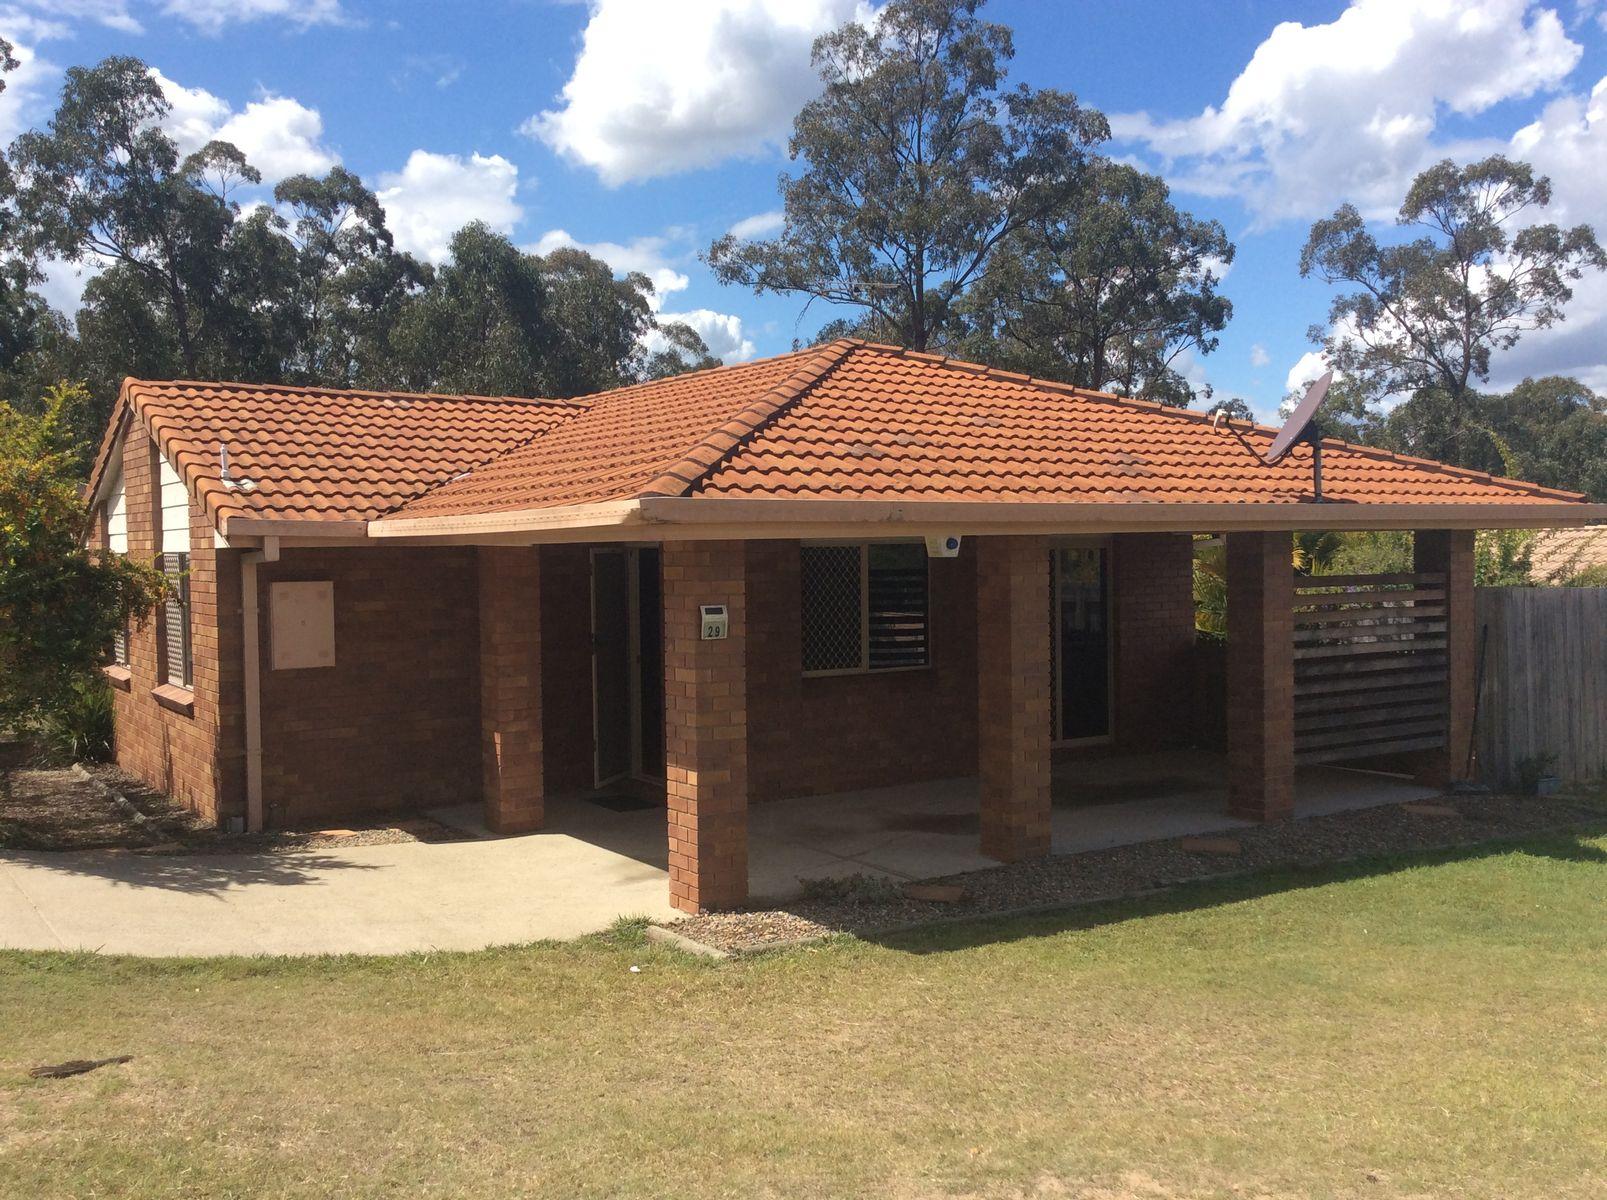 29/22 Buttler Street, Bellbird Park, QLD 4300